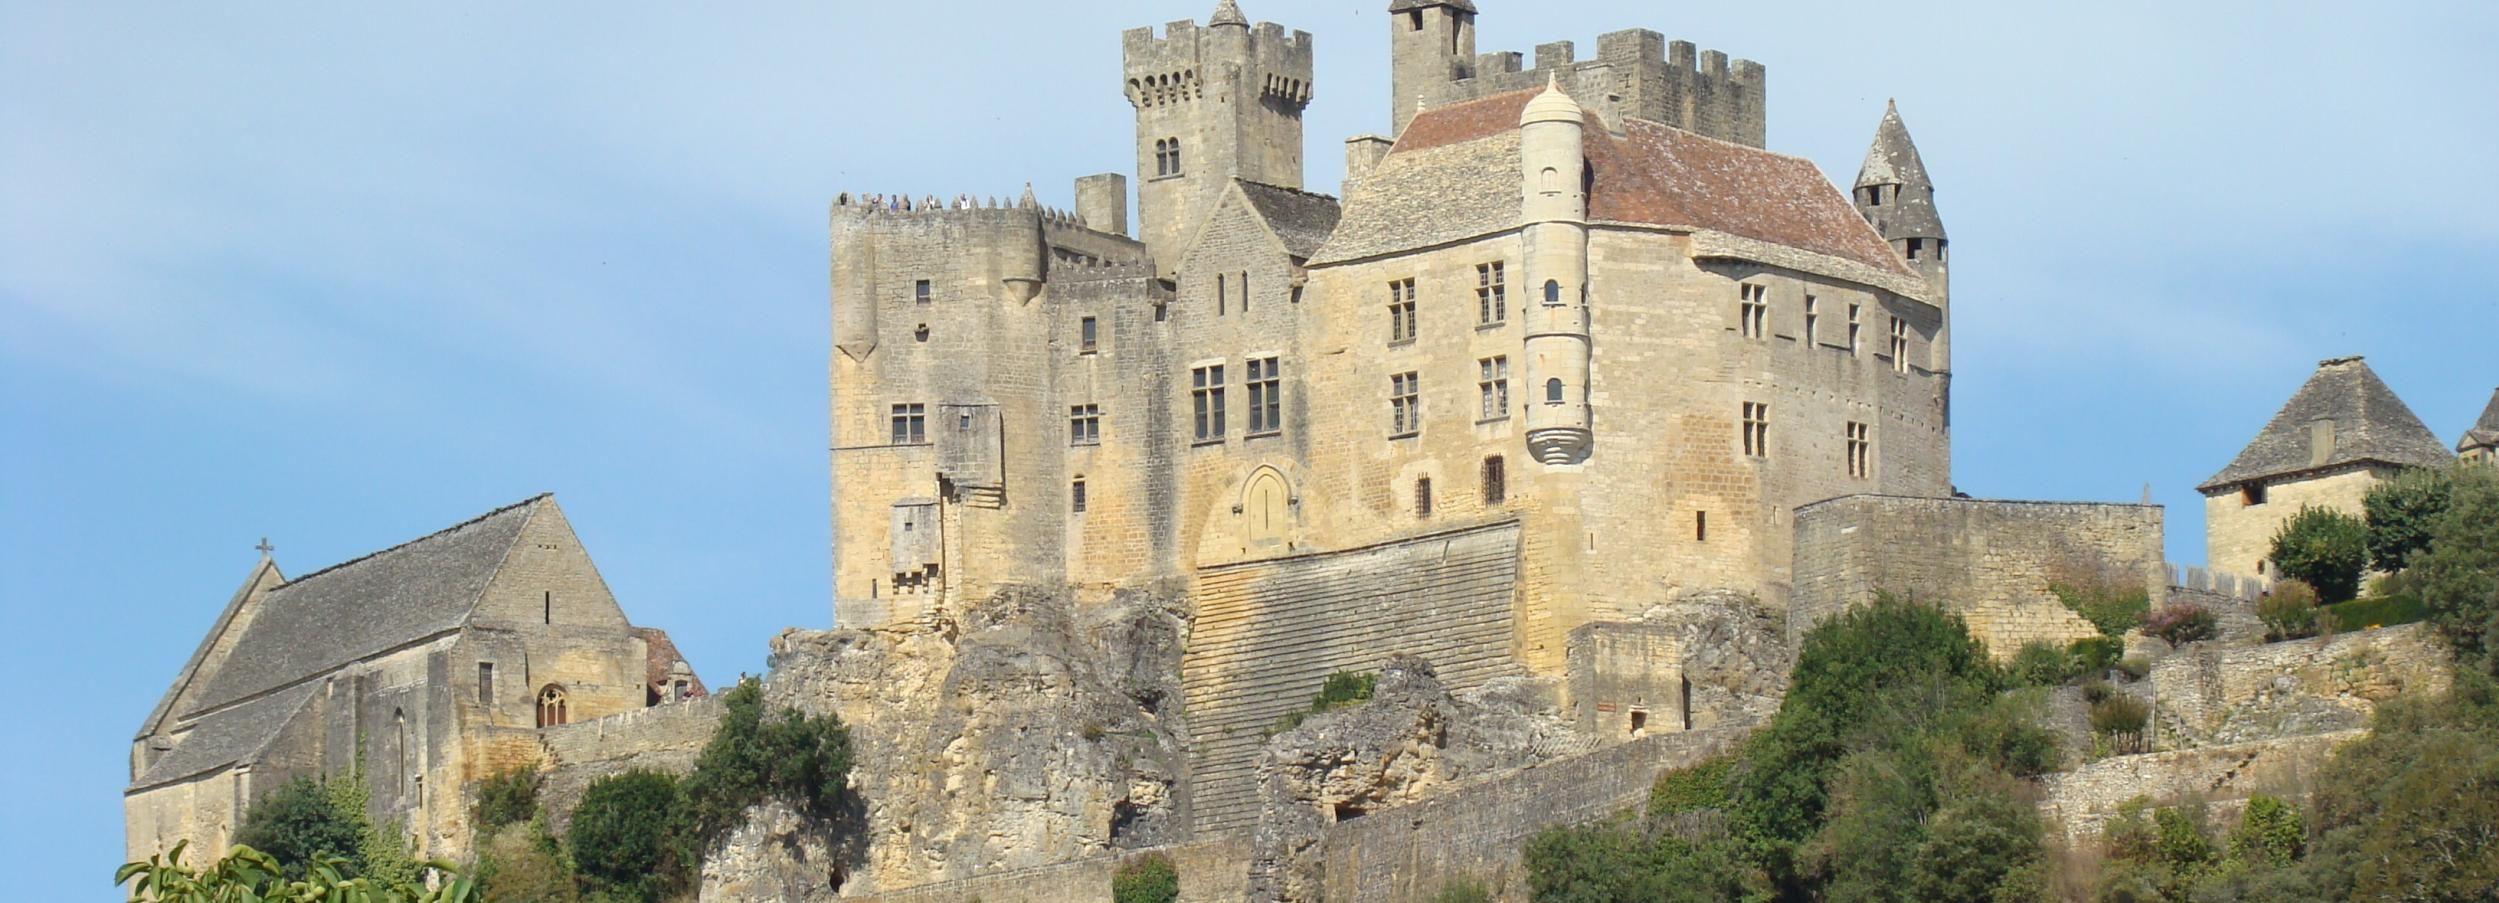 De Bordeaux: visite privée châteaux et villages de Dordogne